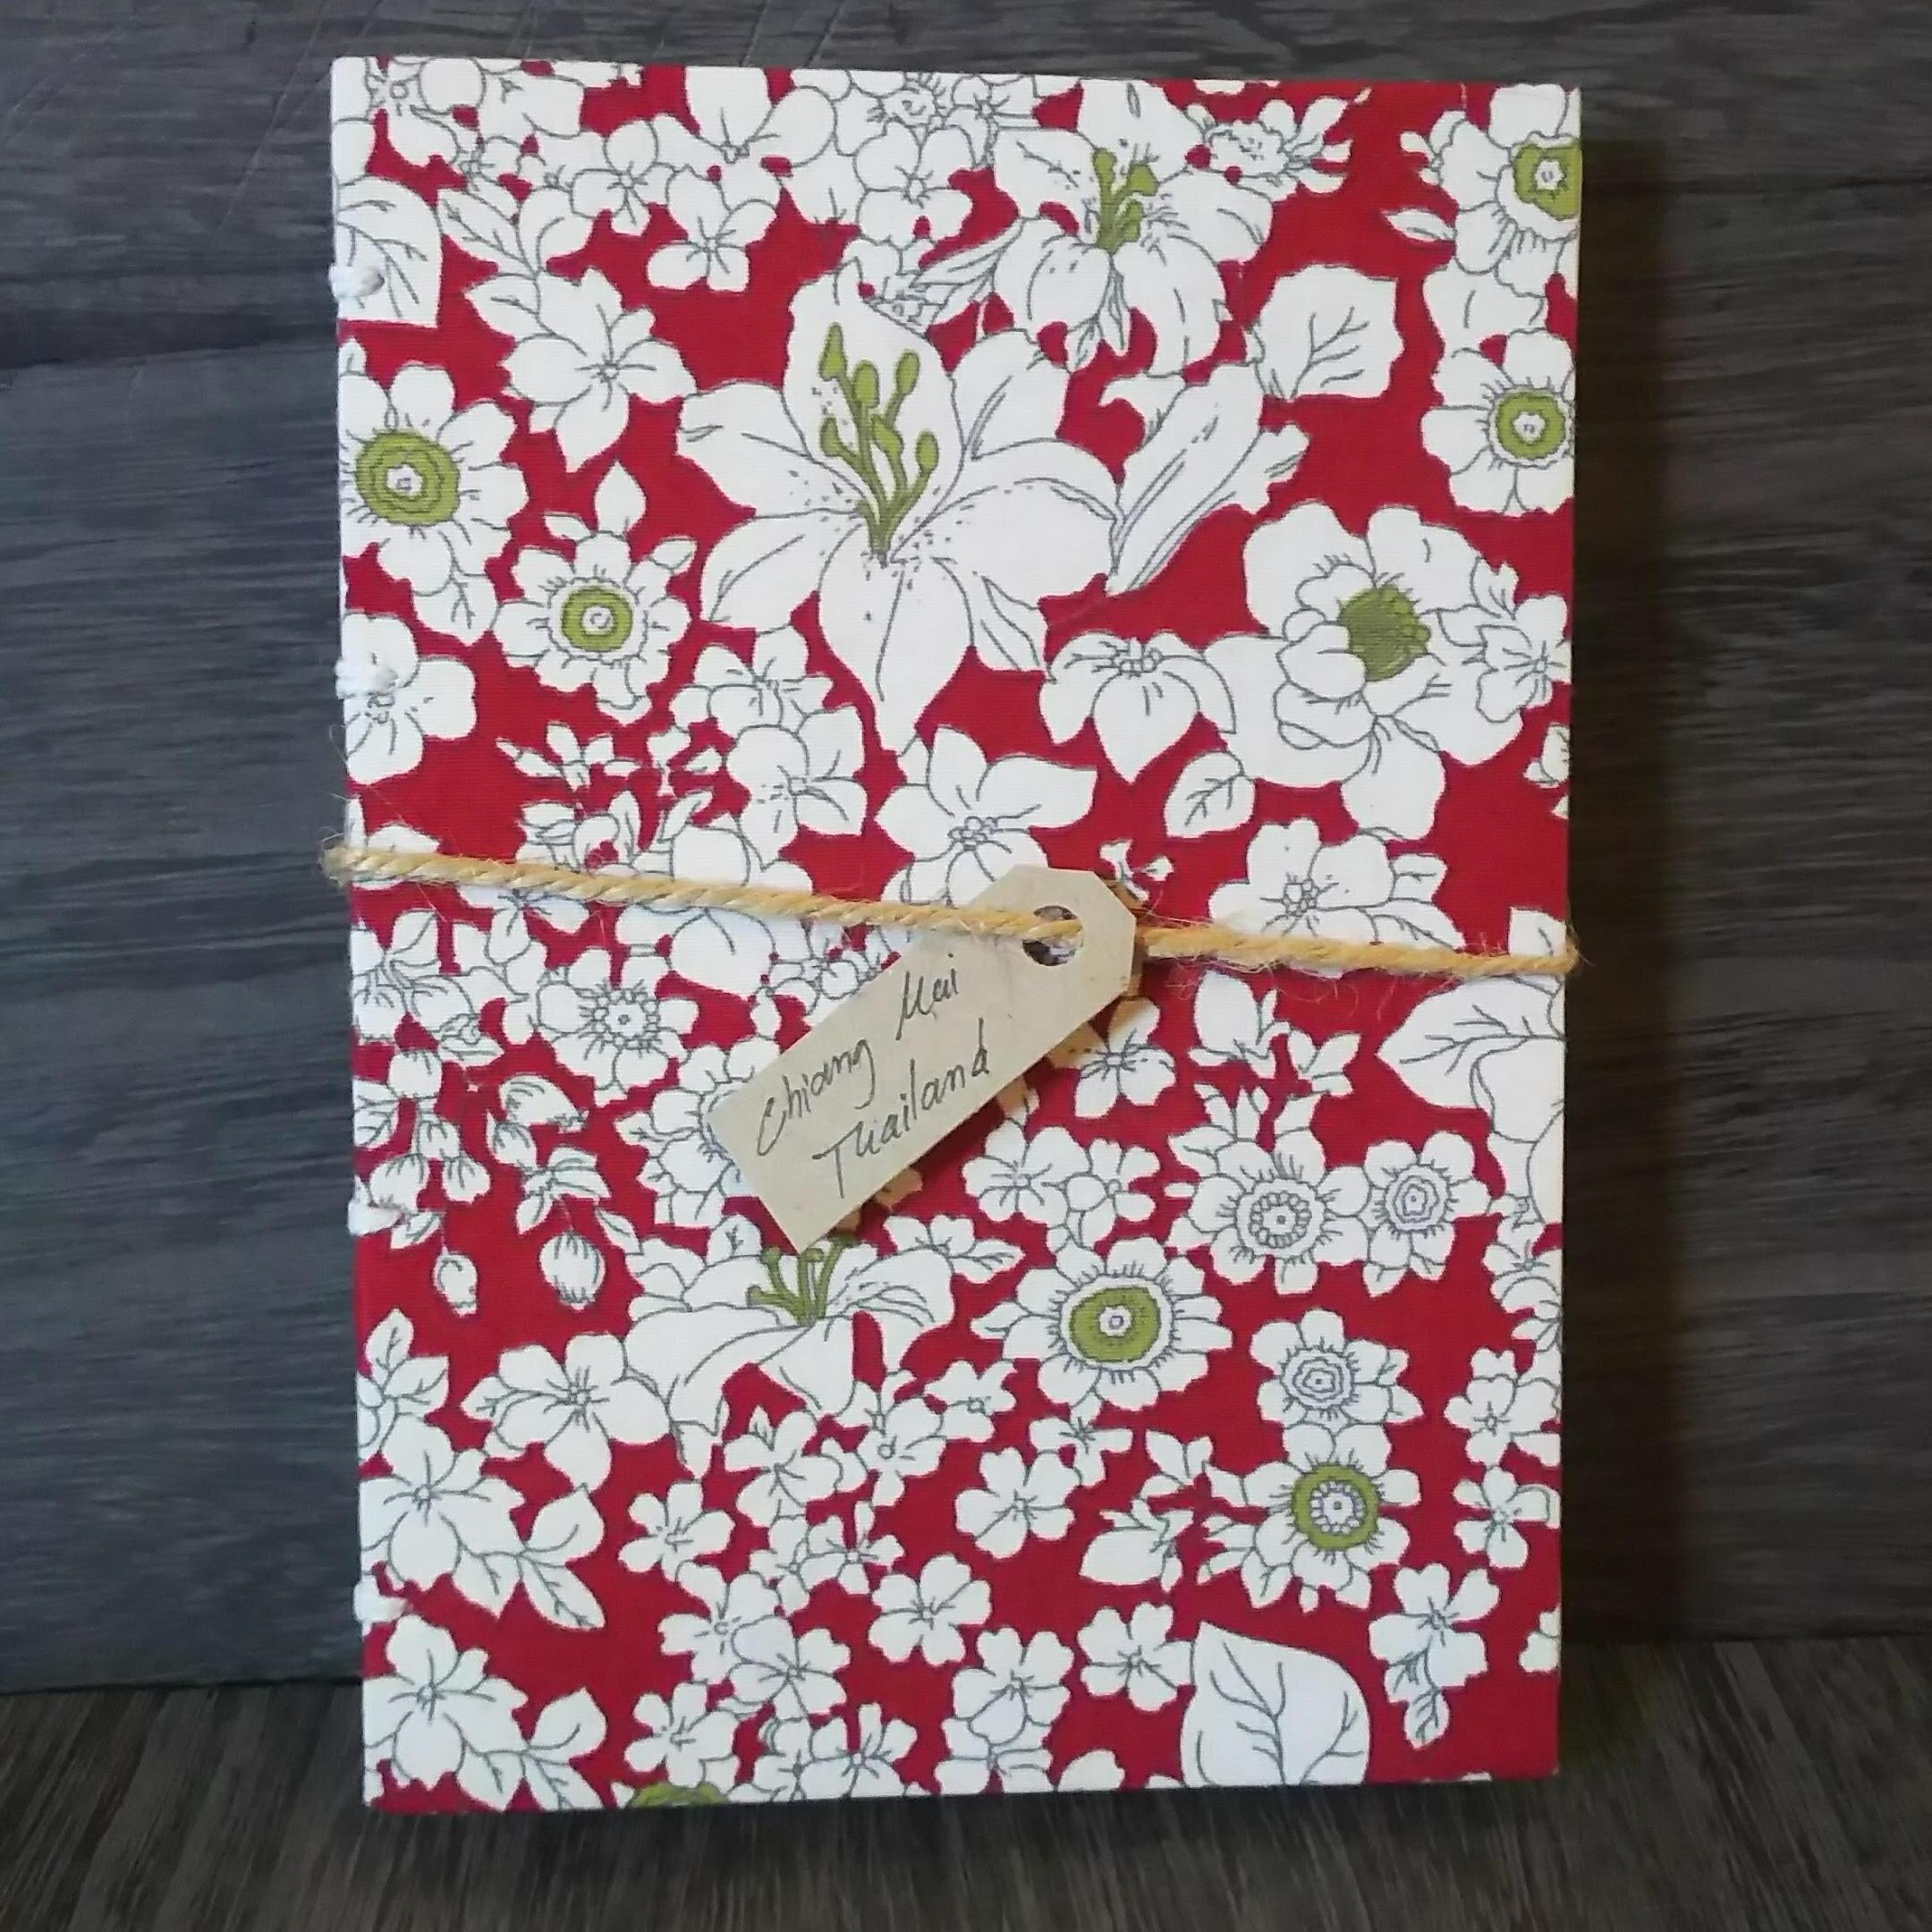 チェンマイ 100%ハンドメイドの日記帳 レッド